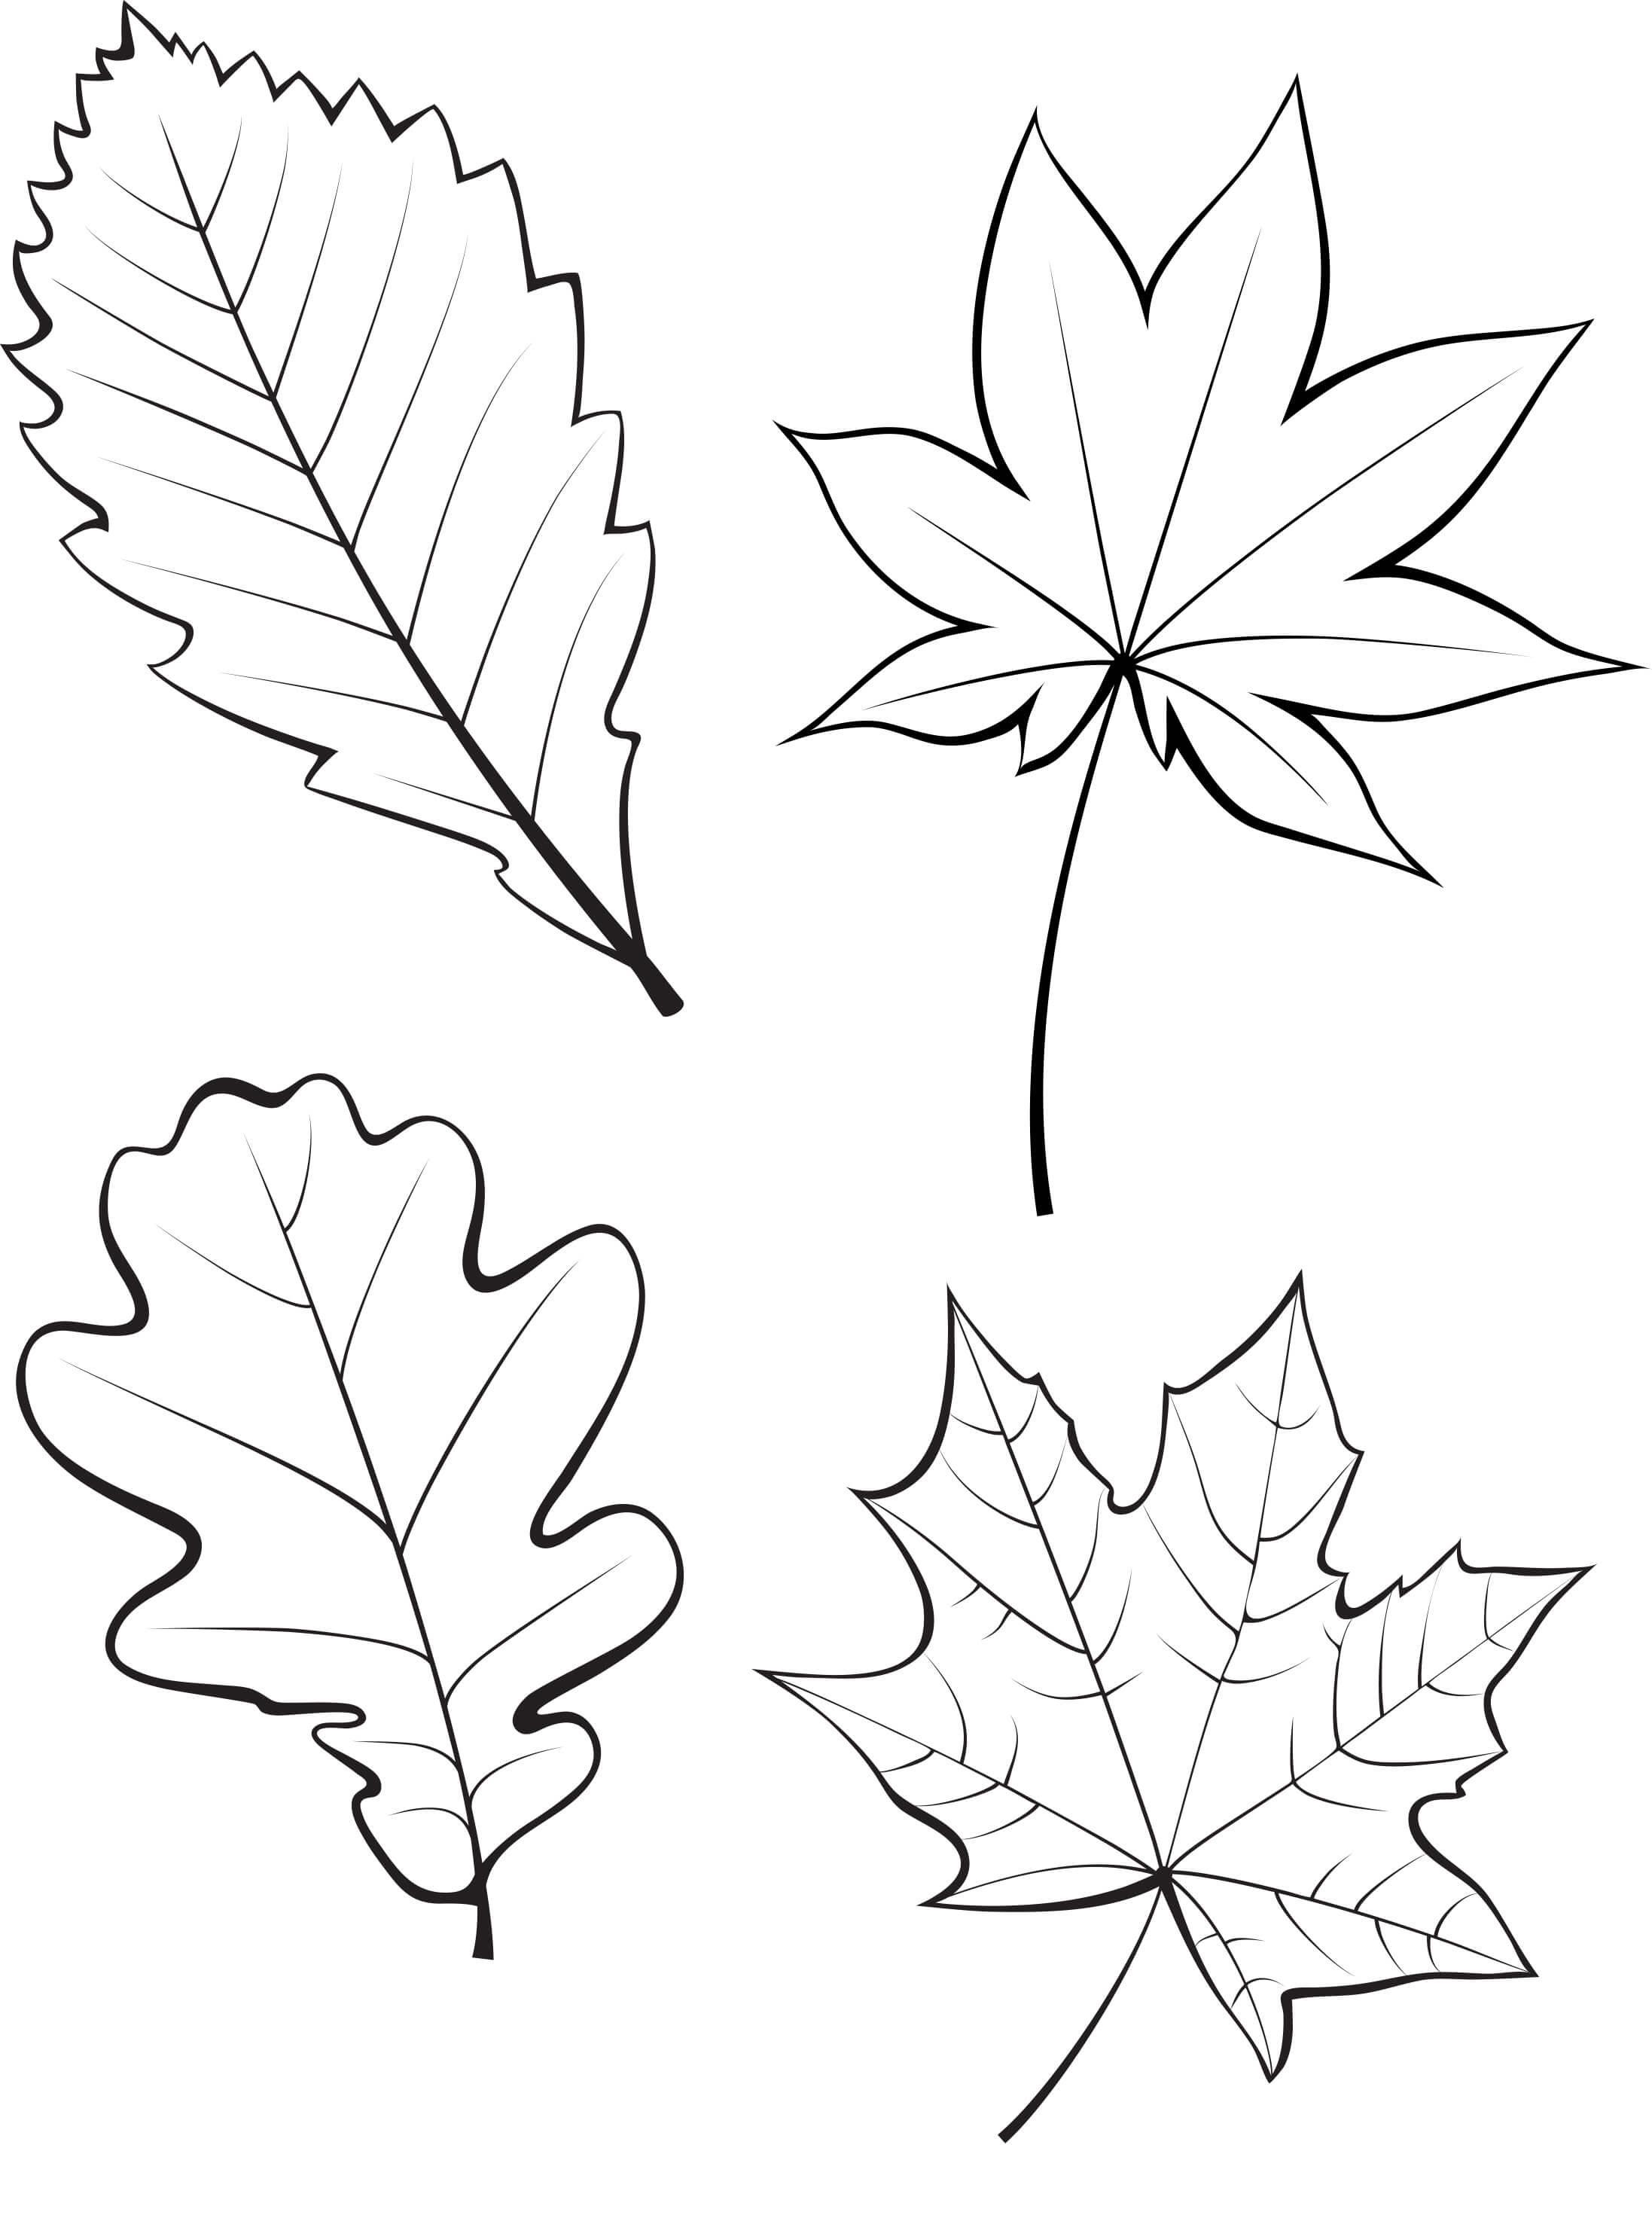 только чечены листья картинки шаблоны для вырезания вырастет